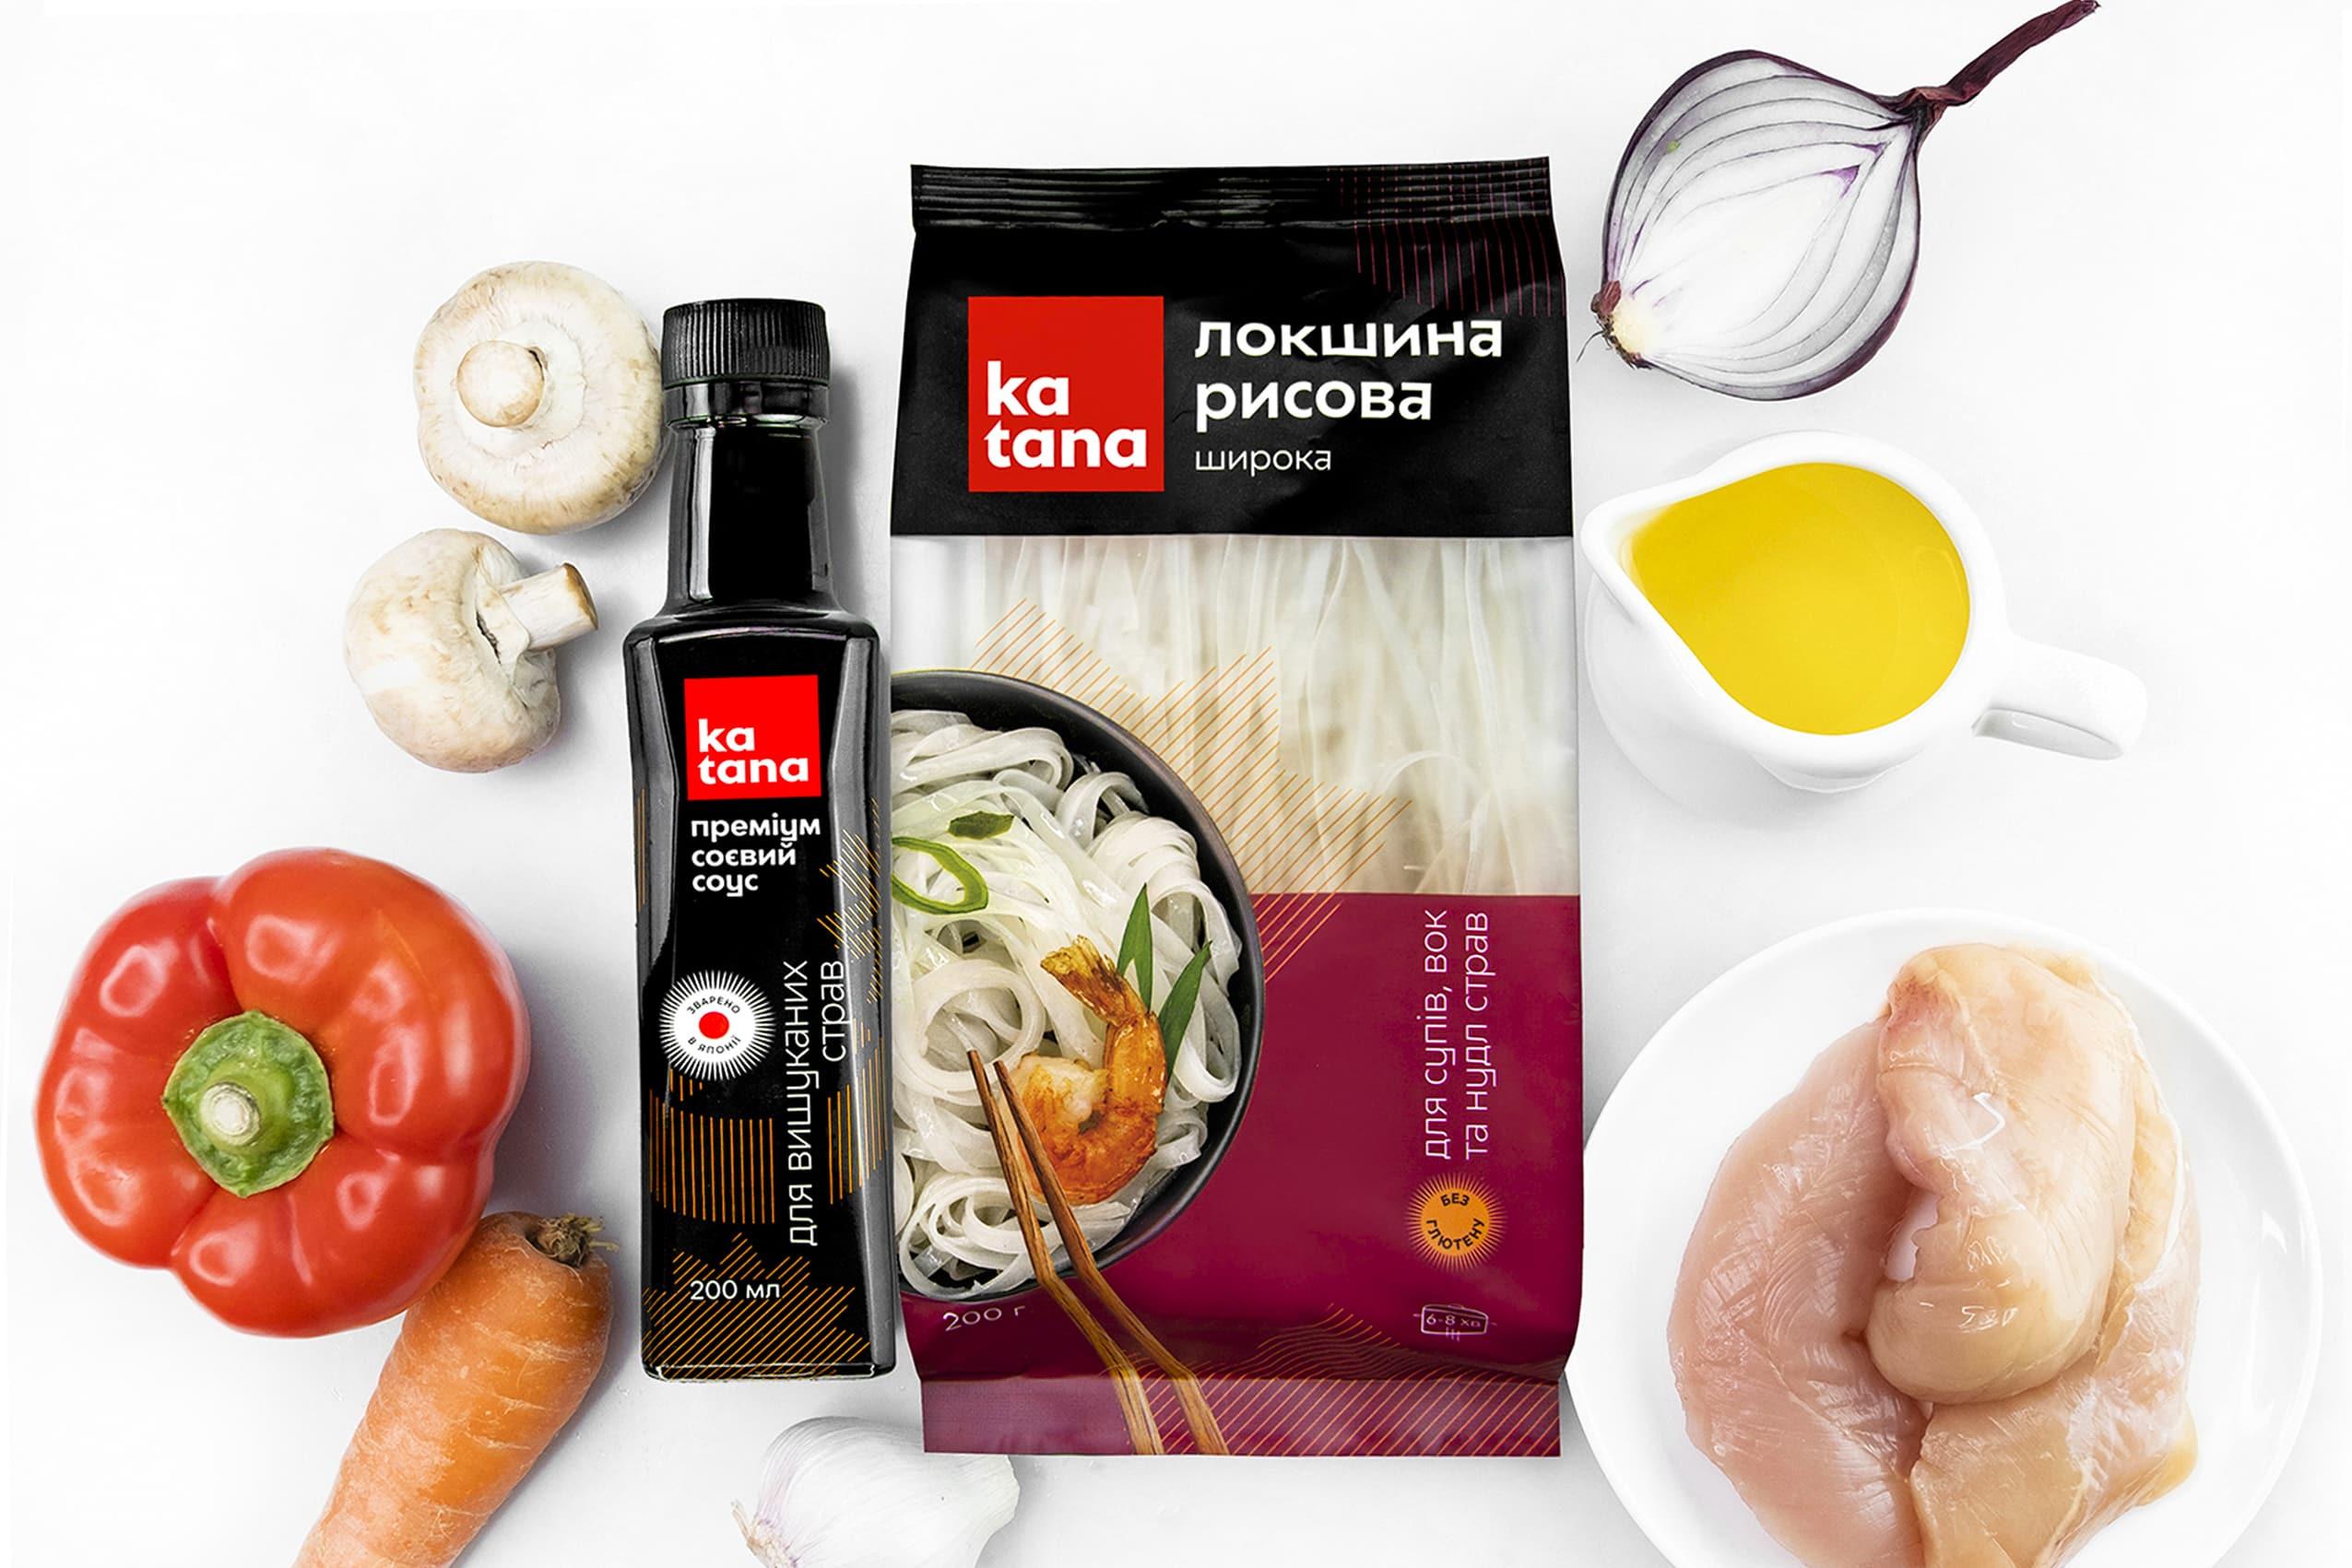 Продукция для рисовой лапши с курицей и овощами по-китайски